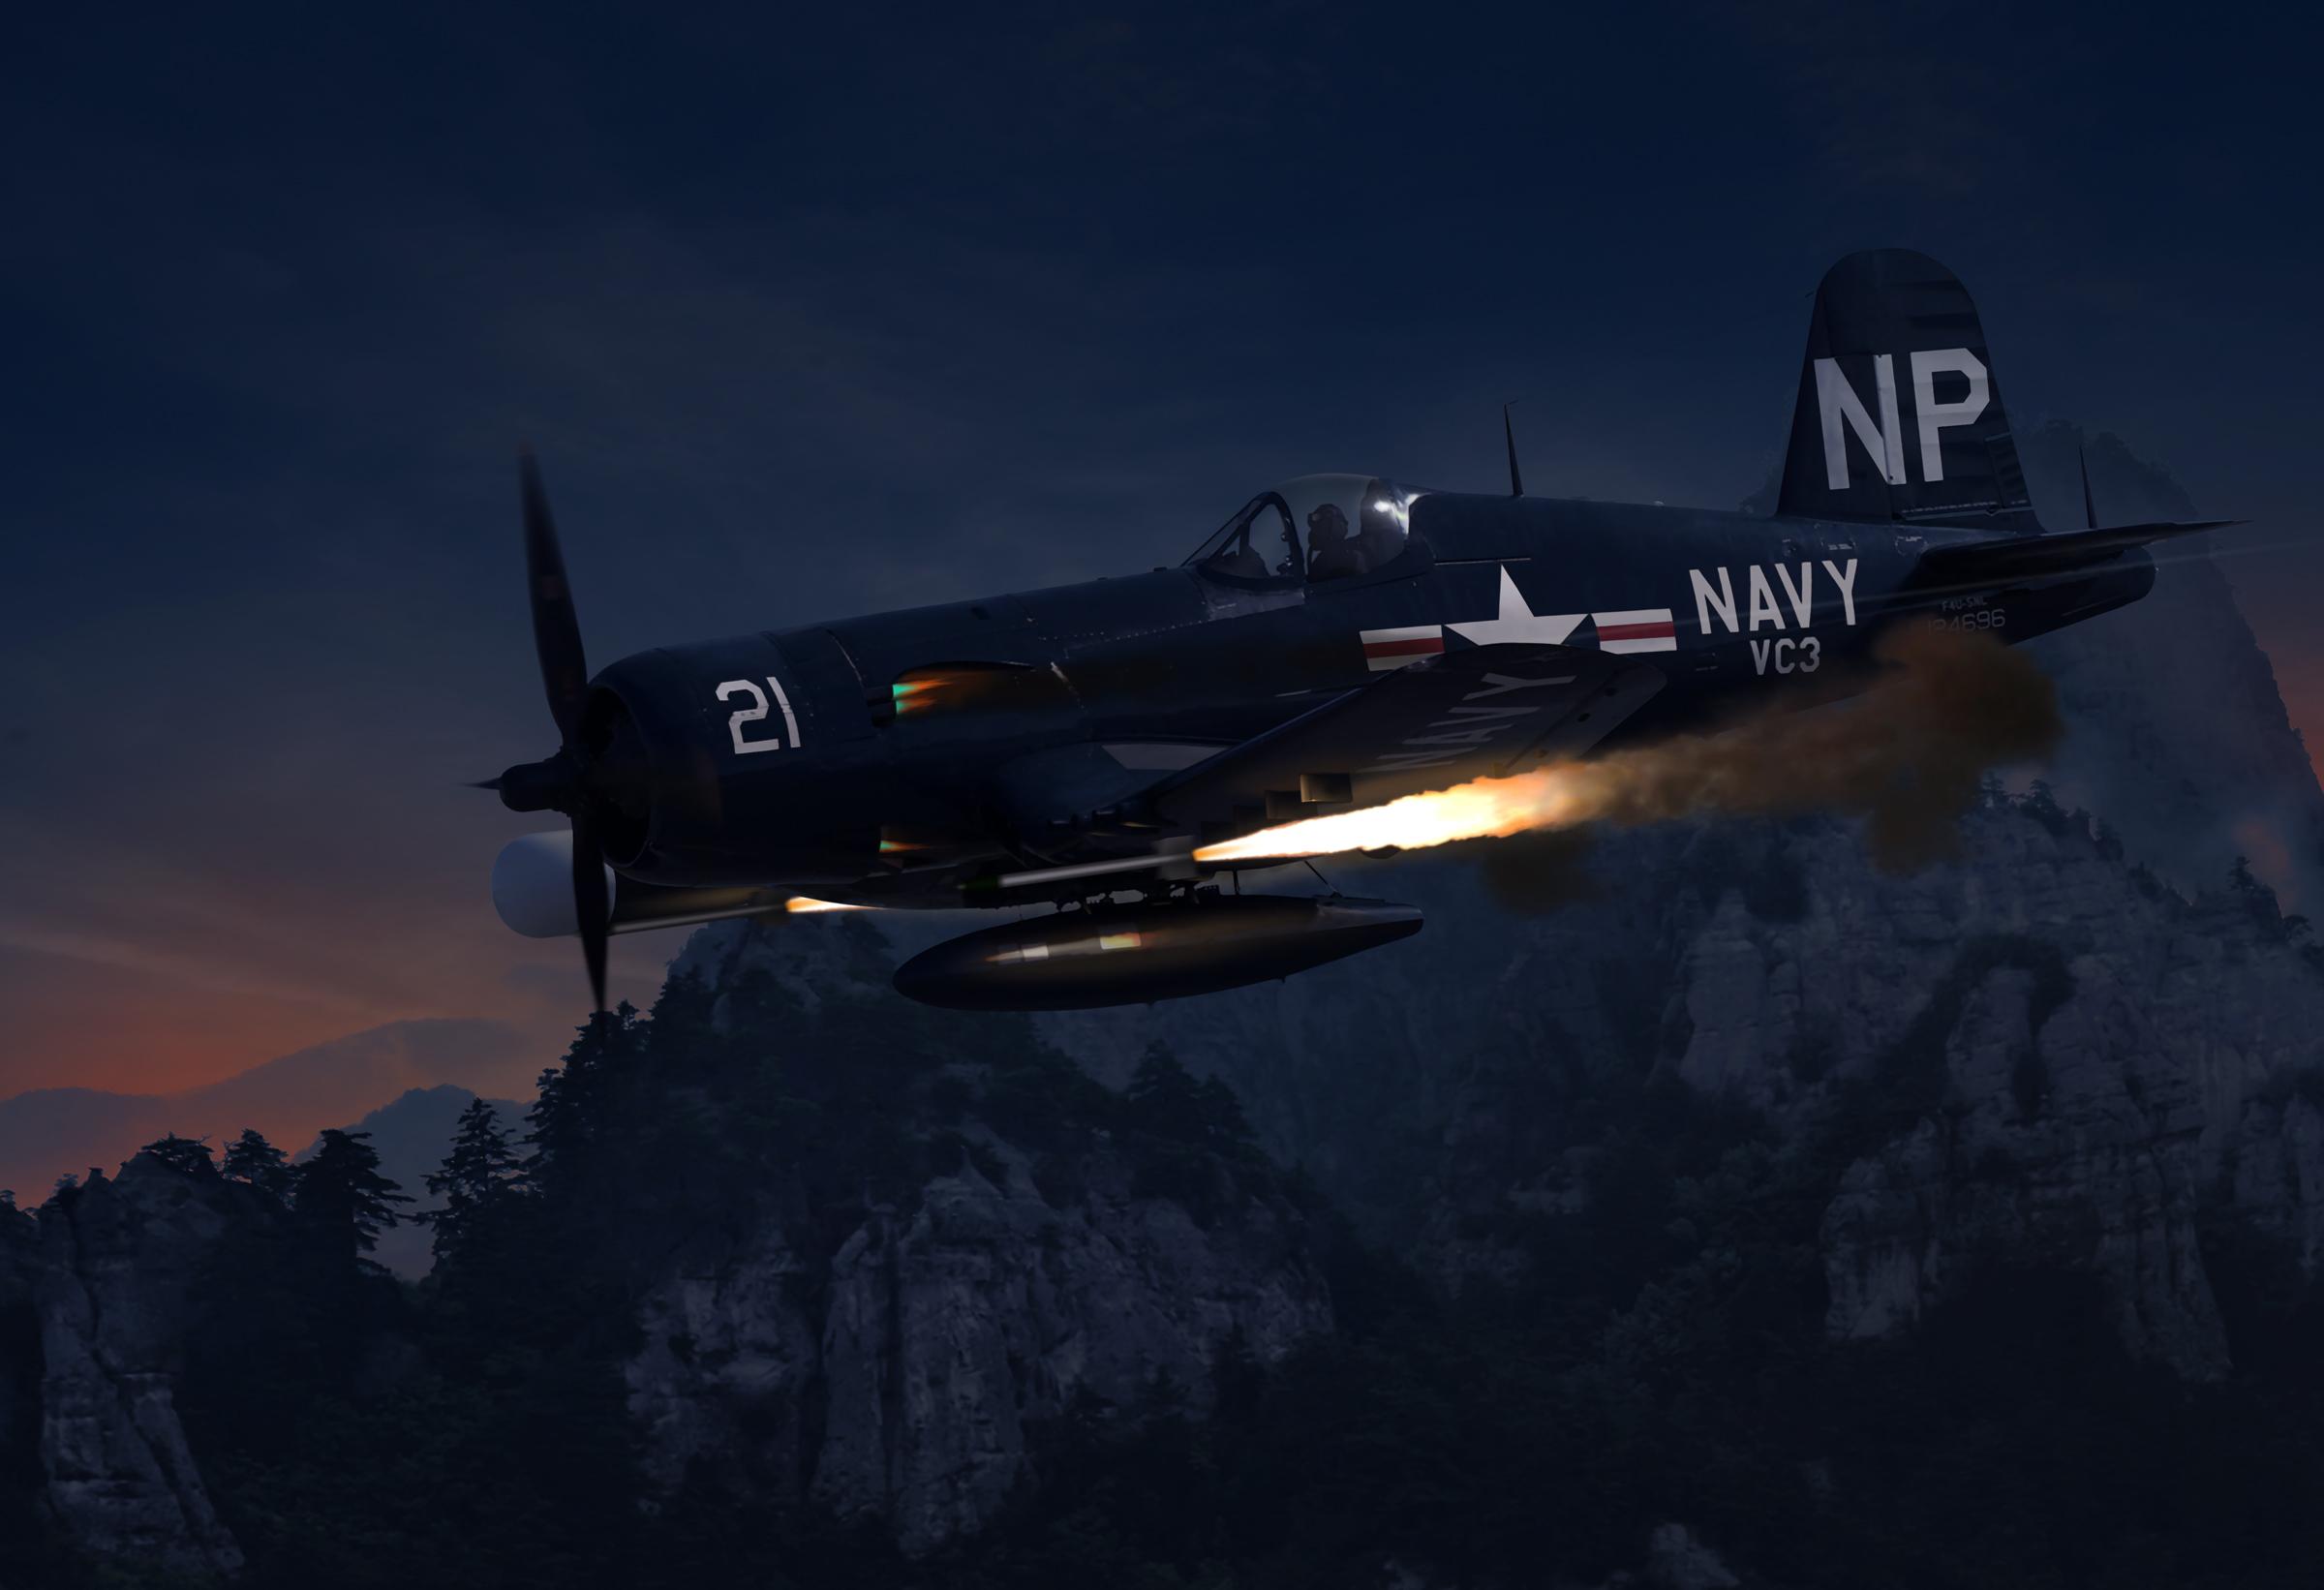 壁紙 2400x1642 飛行機 描かれた壁紙 Us Navy F4u5 Nl Corsair Of Vc3 Korean Conflict 航空 ダウンロード 写真